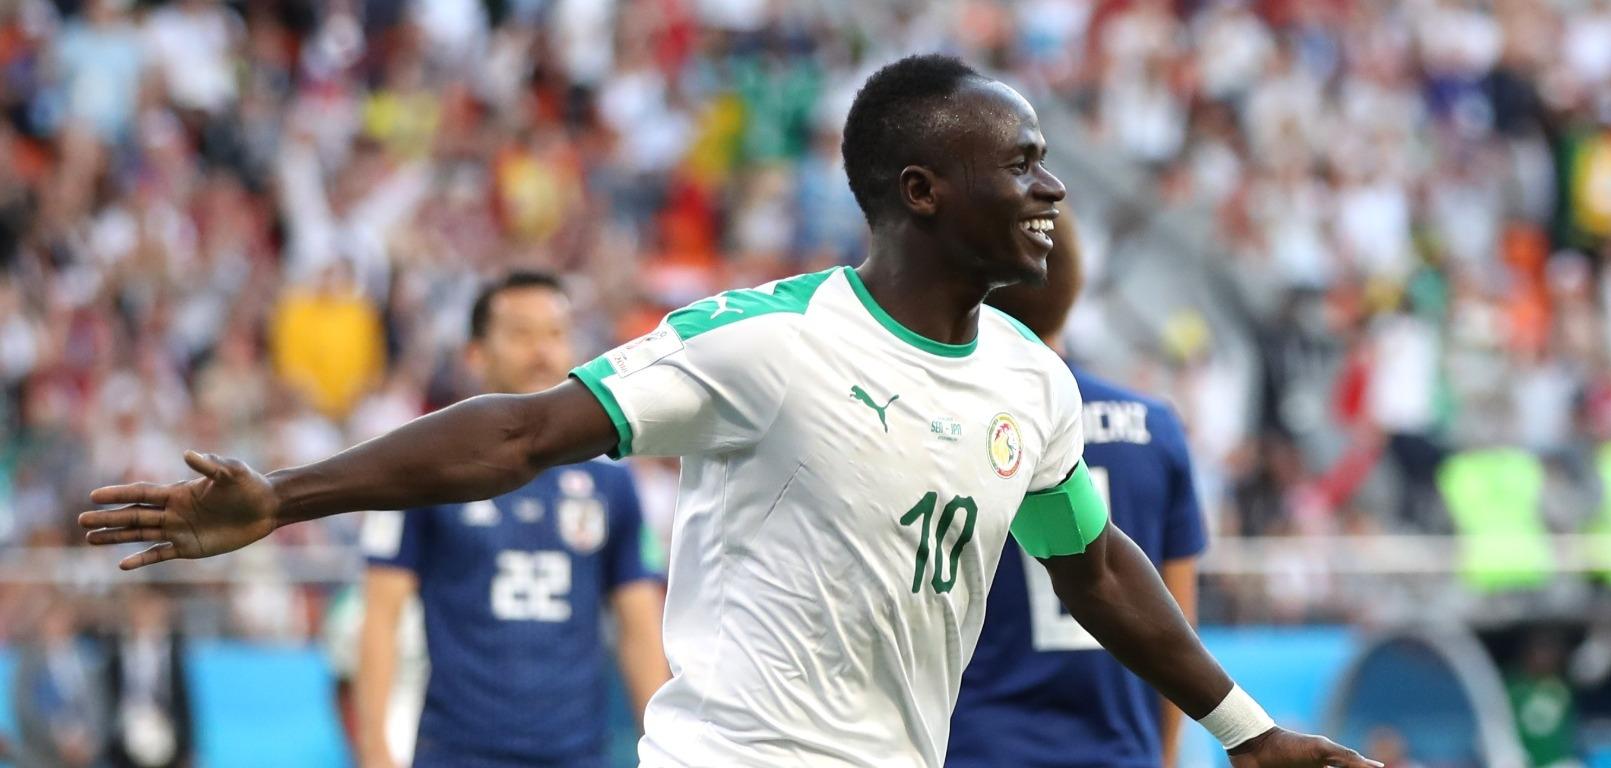 المنتخب السنيغالي اول المتأهلين للمرحلة الاخيرة من تصفيات مونديال 2022